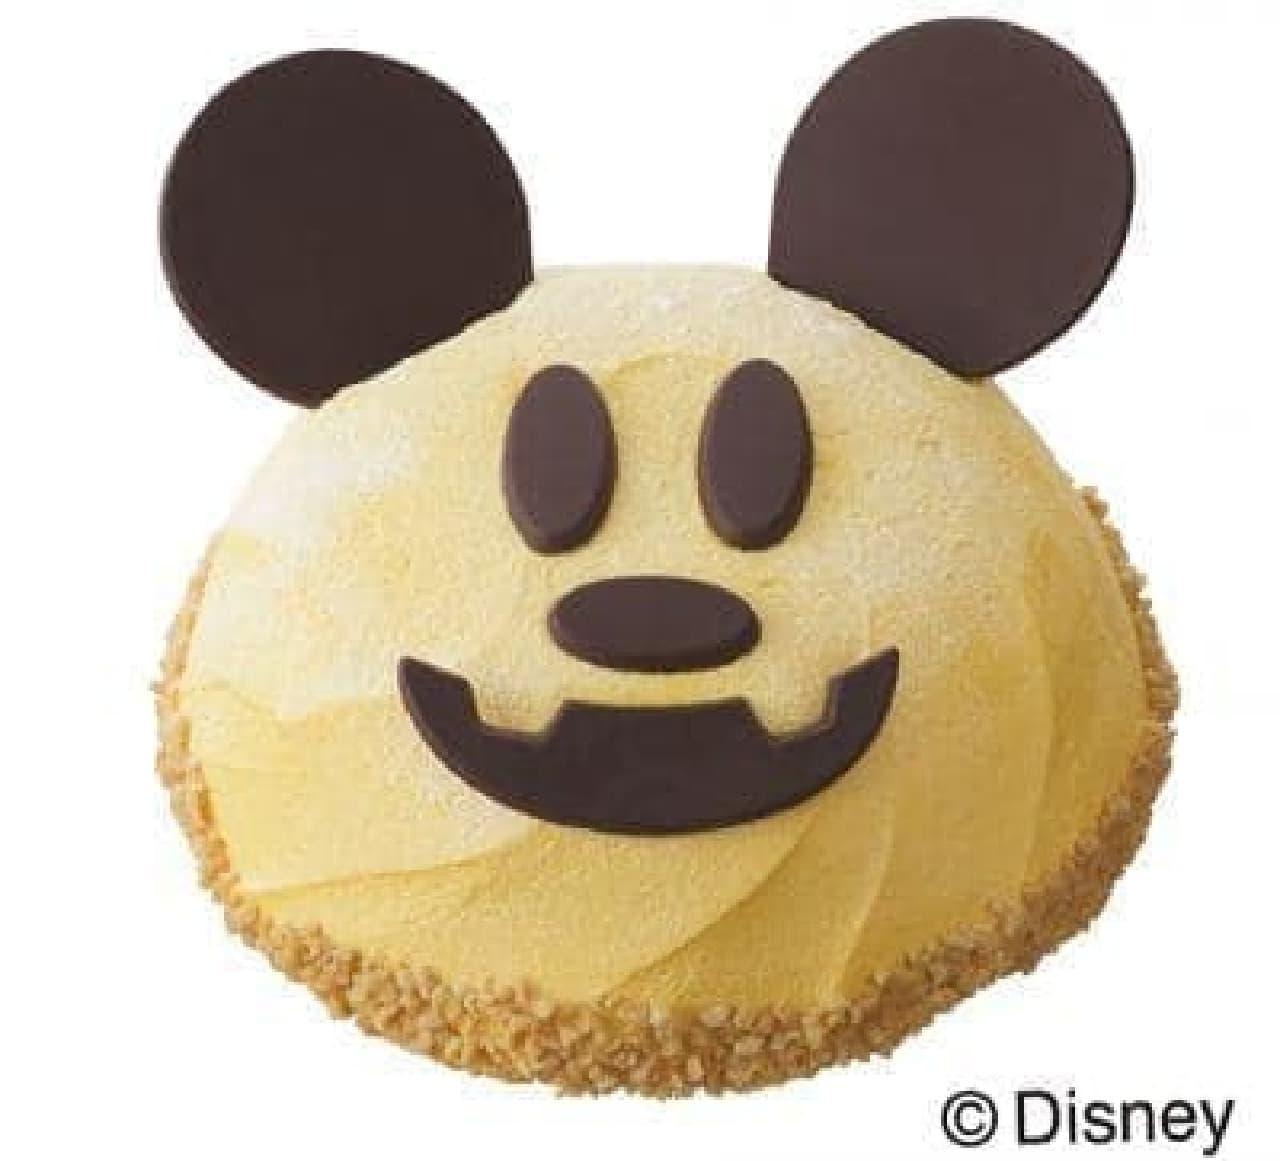 銀座コージーコーナー「JOYJOYハロウィン パンプキンケーキ(ミッキーマウス)」